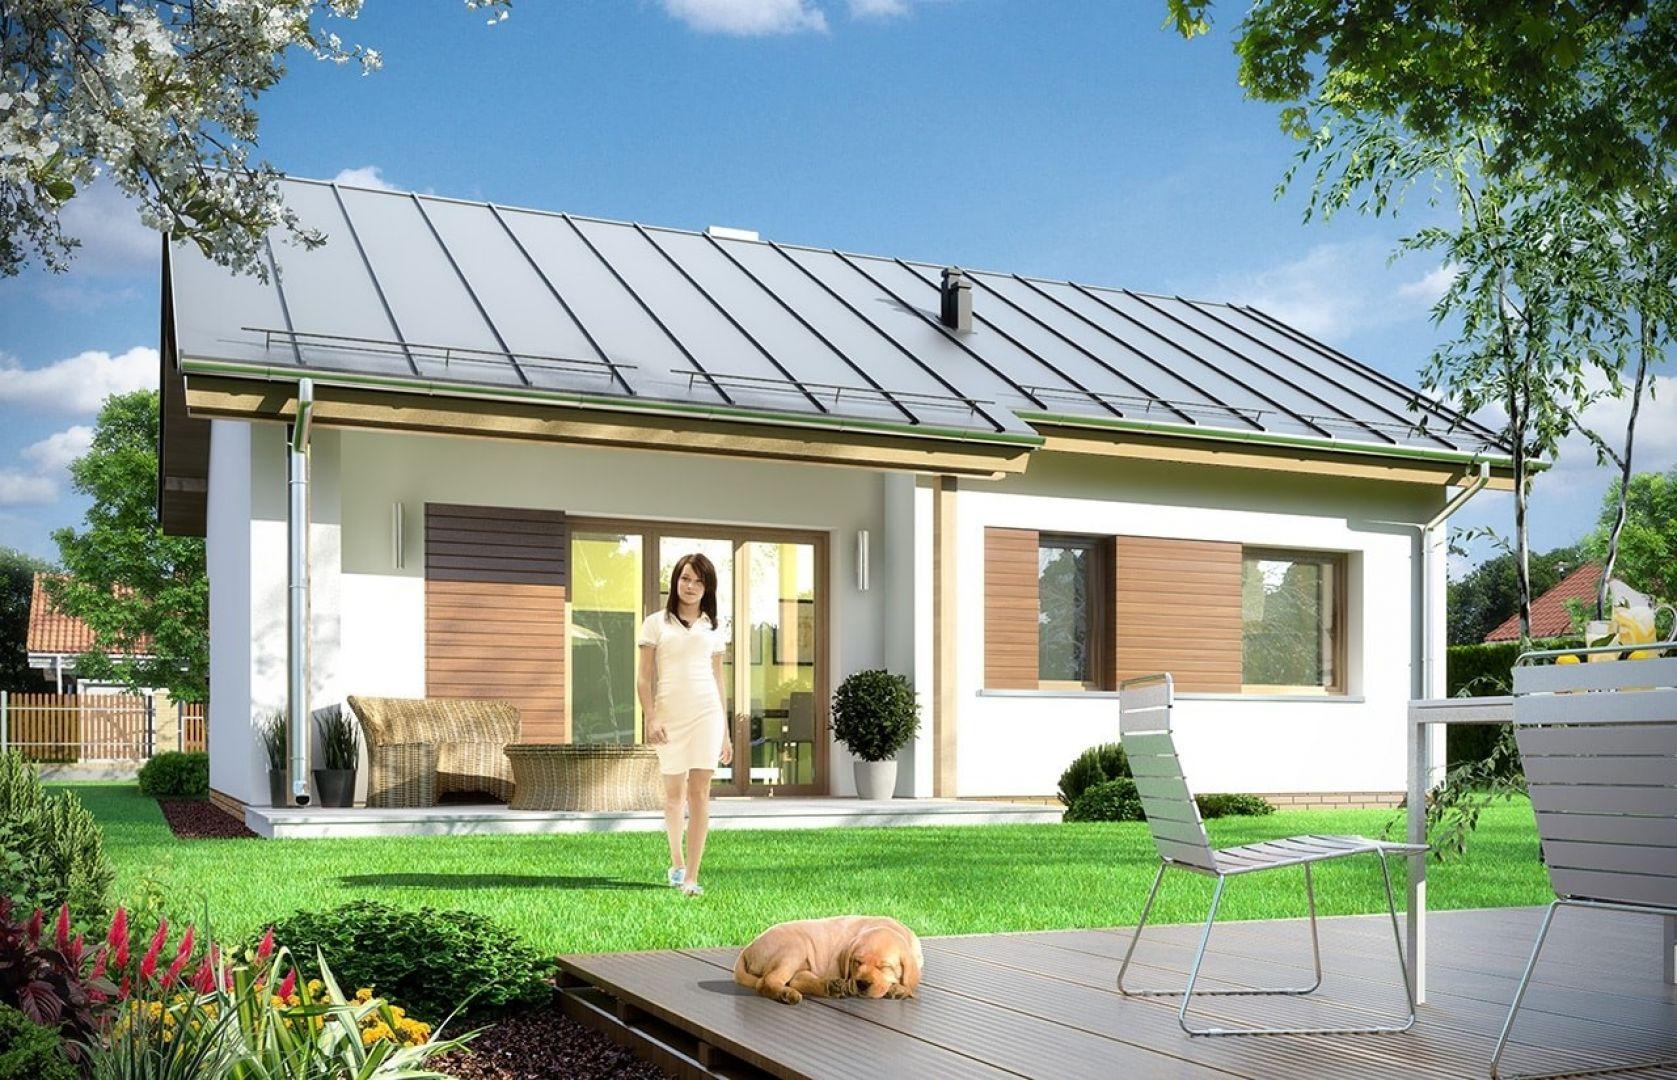 Dom Biedronka jest łatwy w budowie i tani w przyszłej eksploatacji.  Autorzy projektu